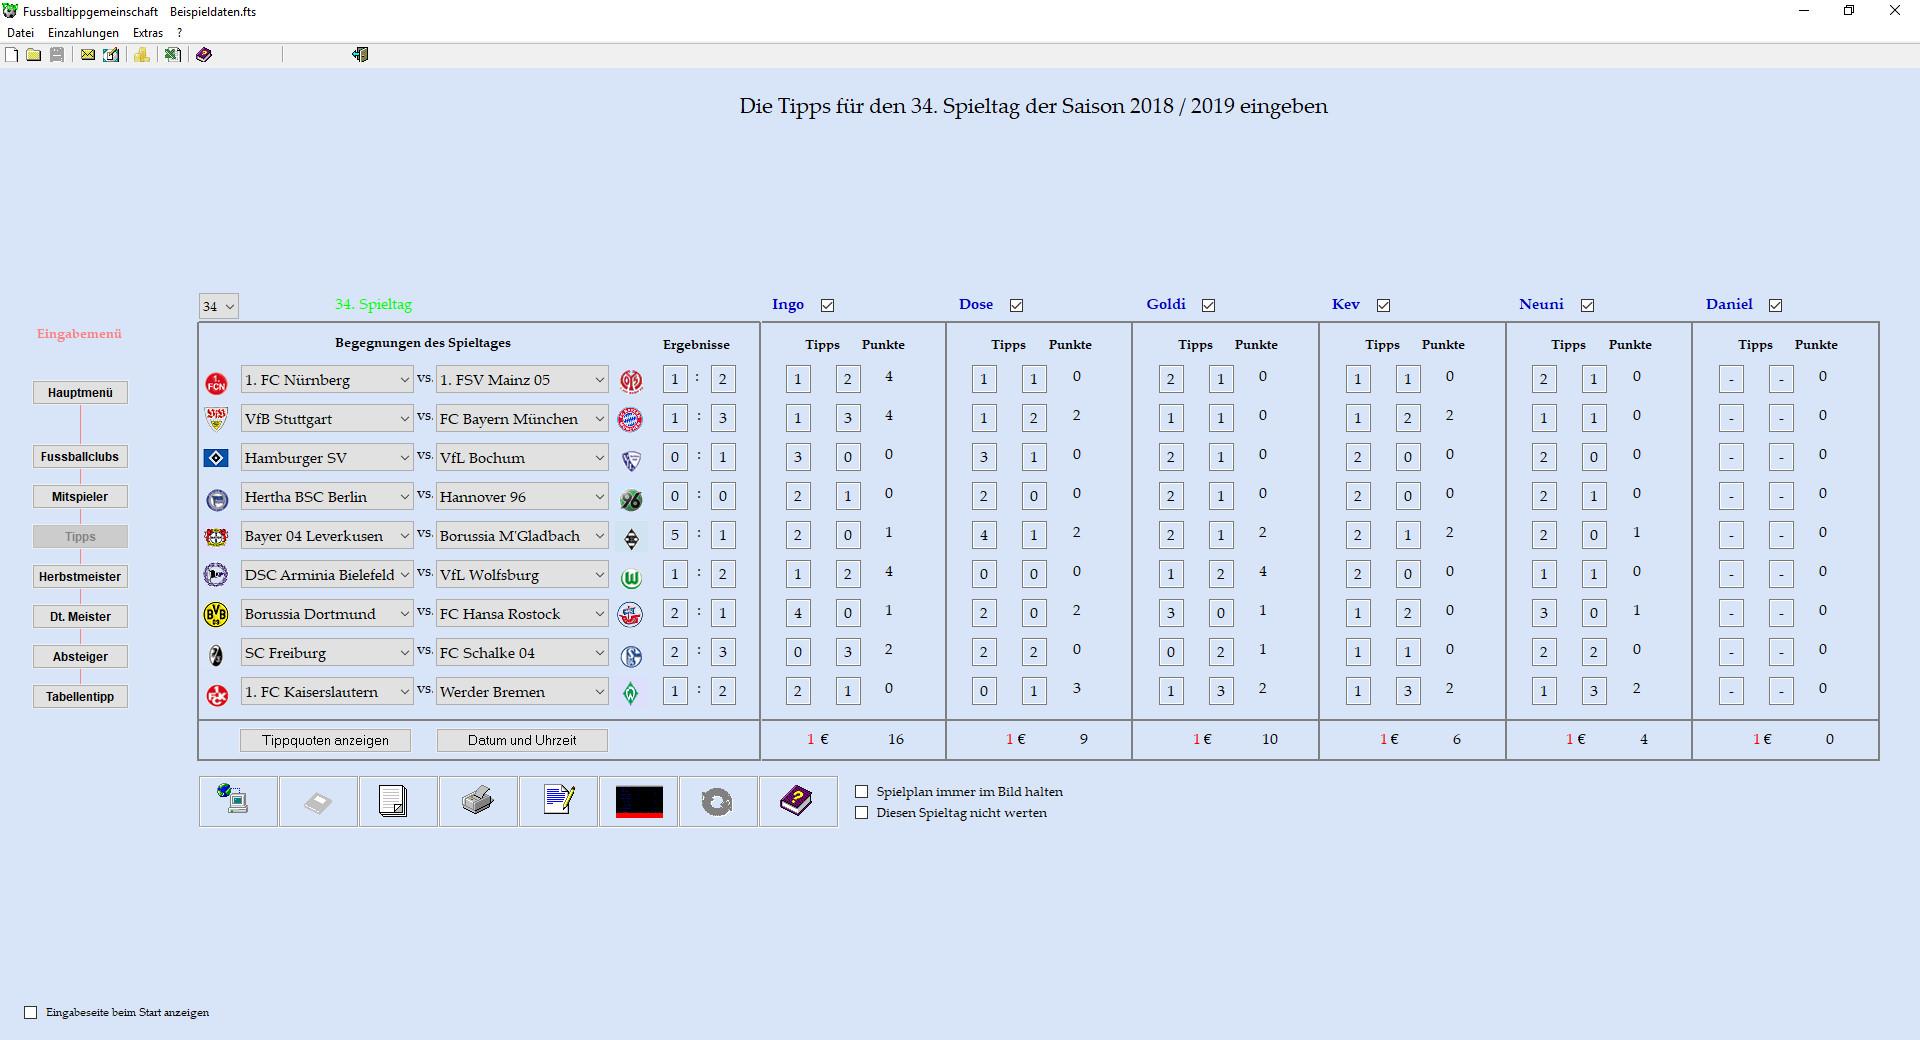 Screenshot 1 - Fussballtippgemeinschaft